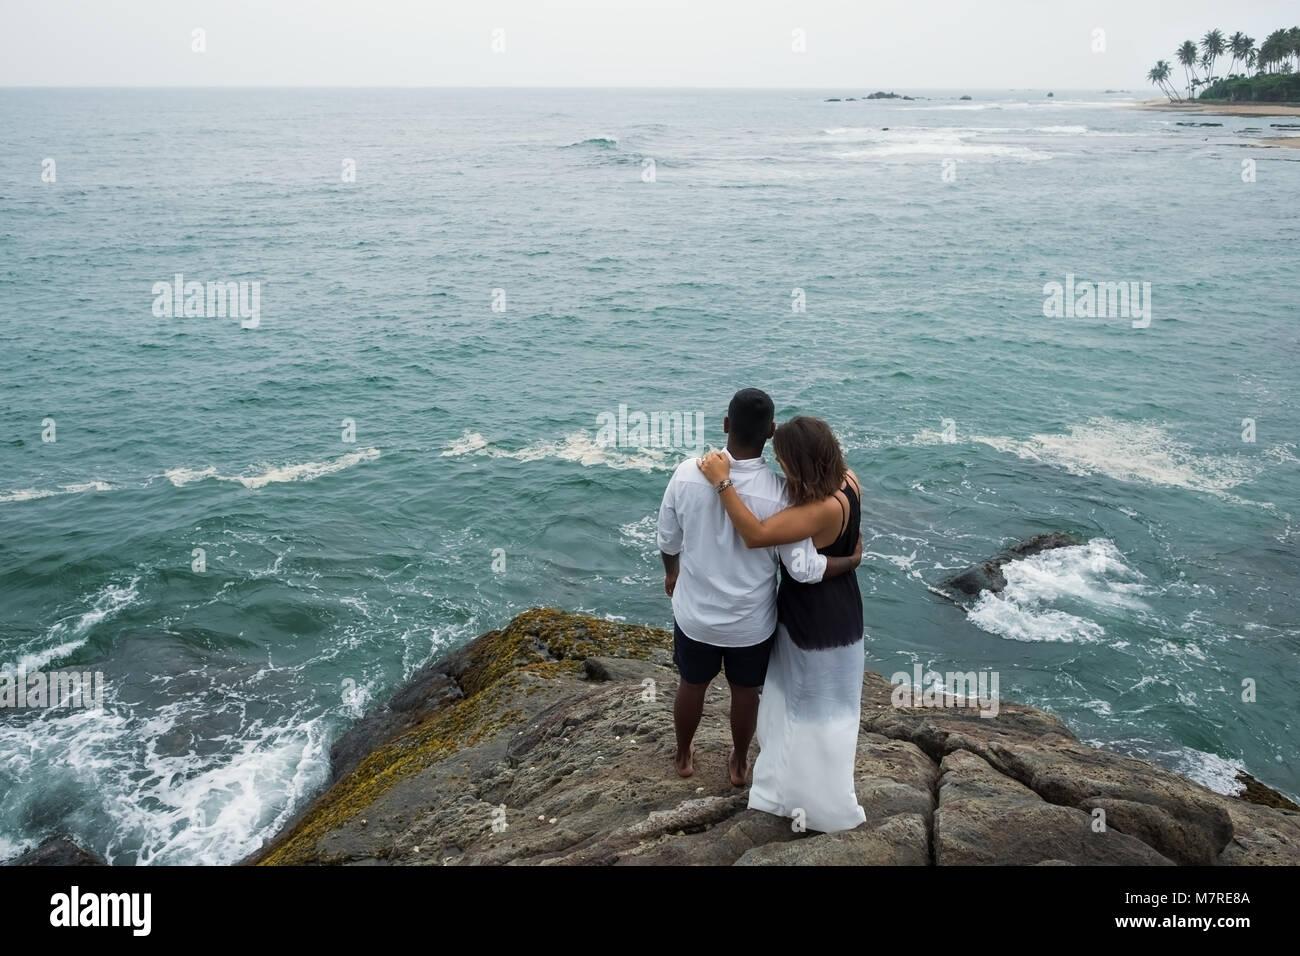 Sólo en una pareja casada trstone abrazos y miradas sobre el agua del océano Imagen De Stock